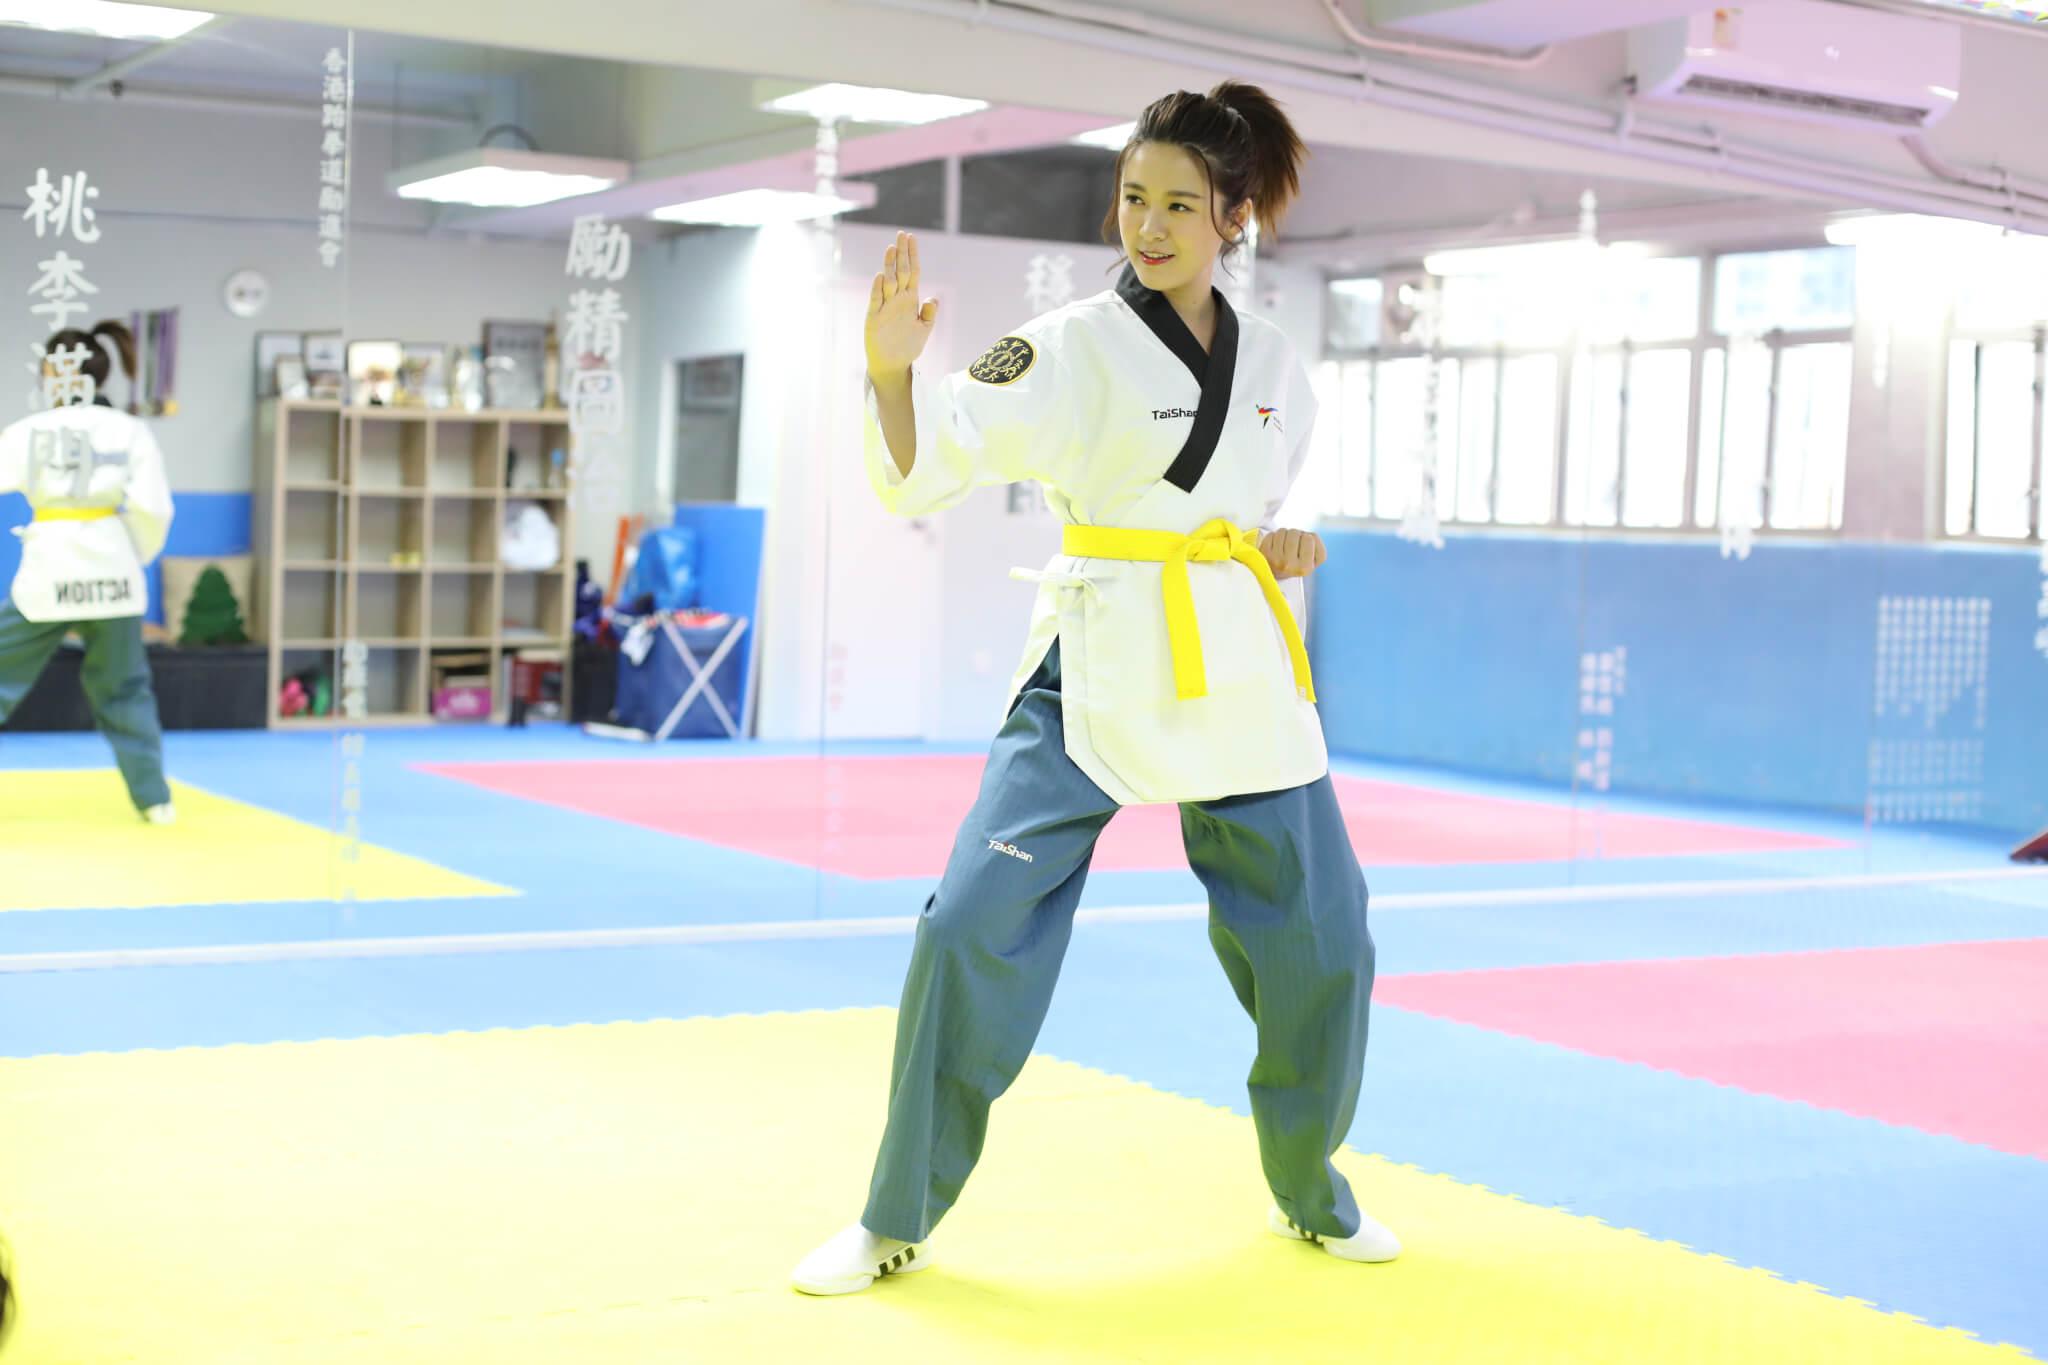 雖然誤打誤撞學了跆拳,幸好教練讚她有天份。